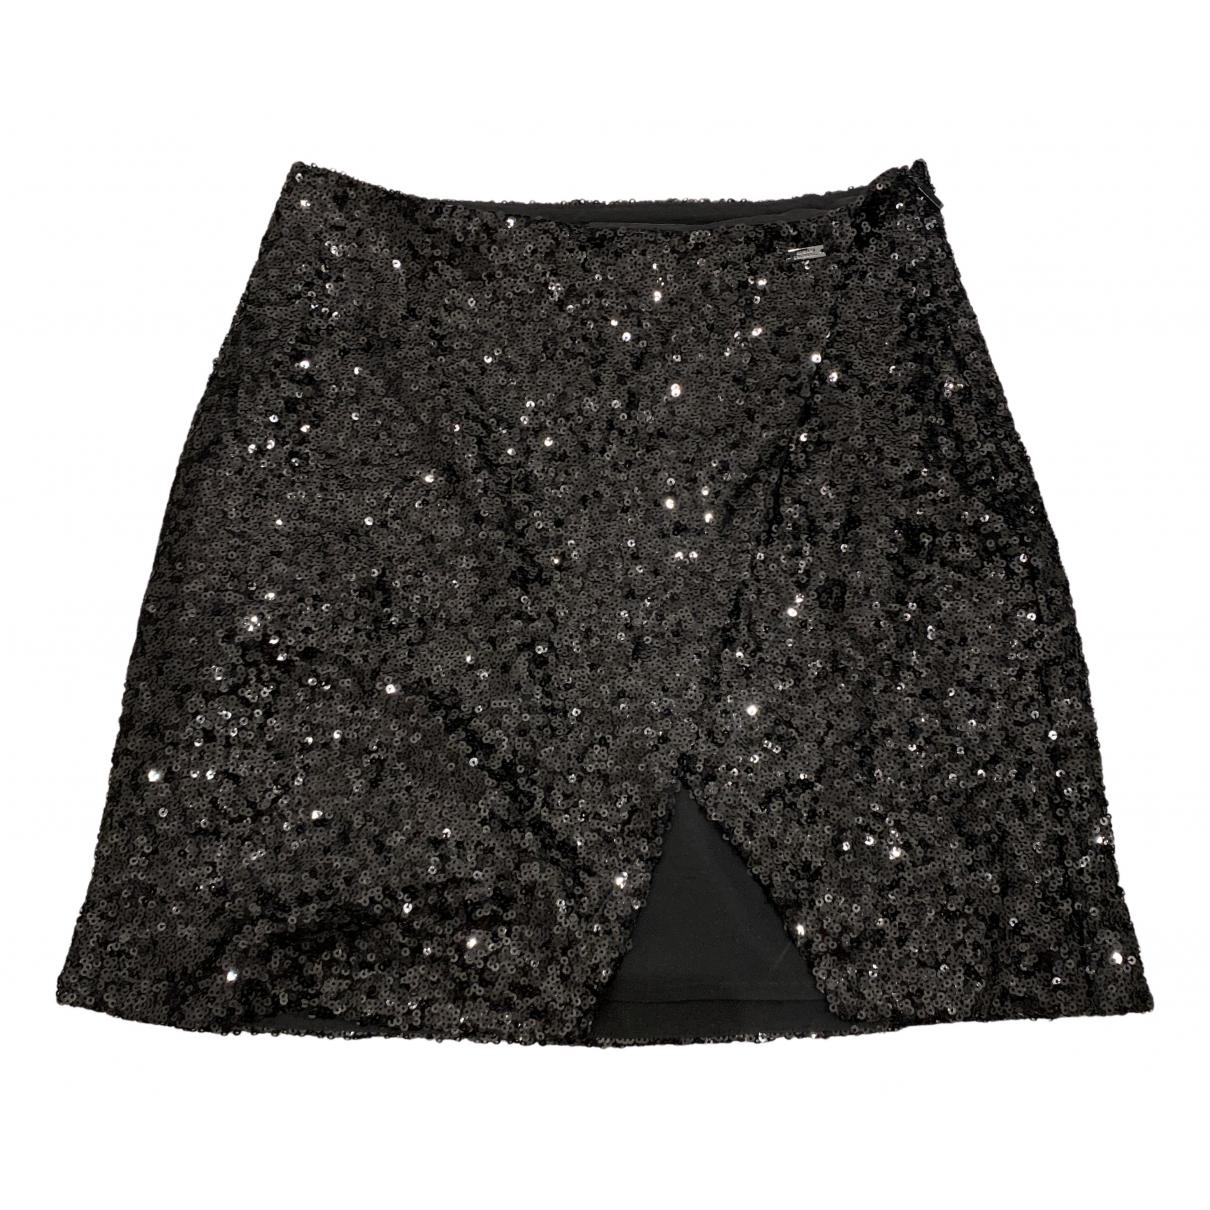 Emporio Armani \N Black Glitter skirt for Women 2 US